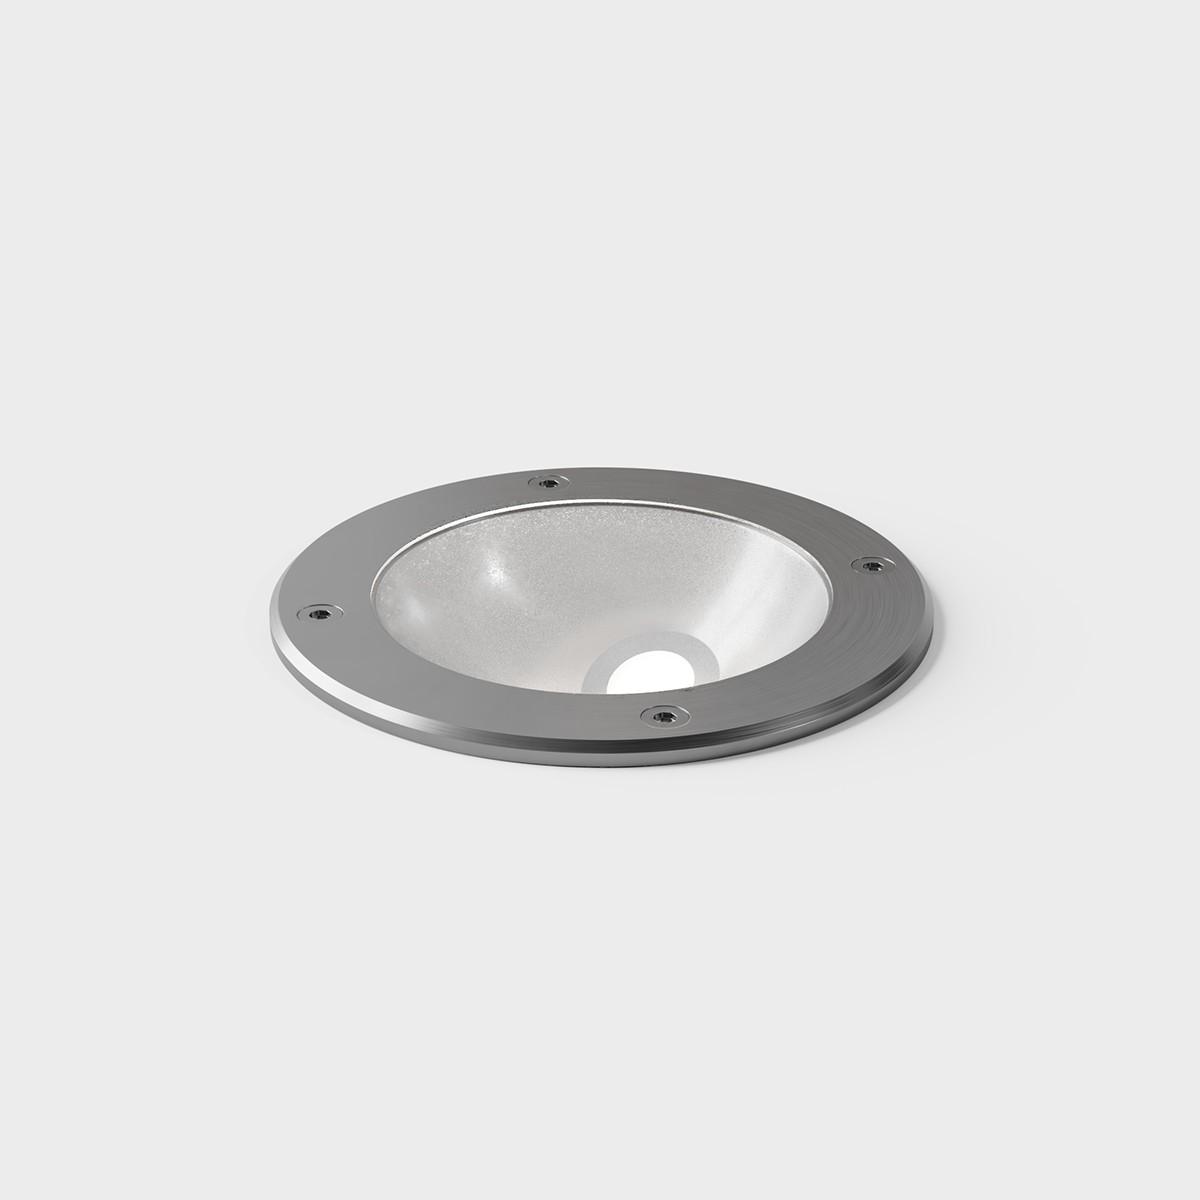 IP44.de In A Bodeneinbauleuchte, stainless steel (Edelstahl) - Sicherheitsglas klar